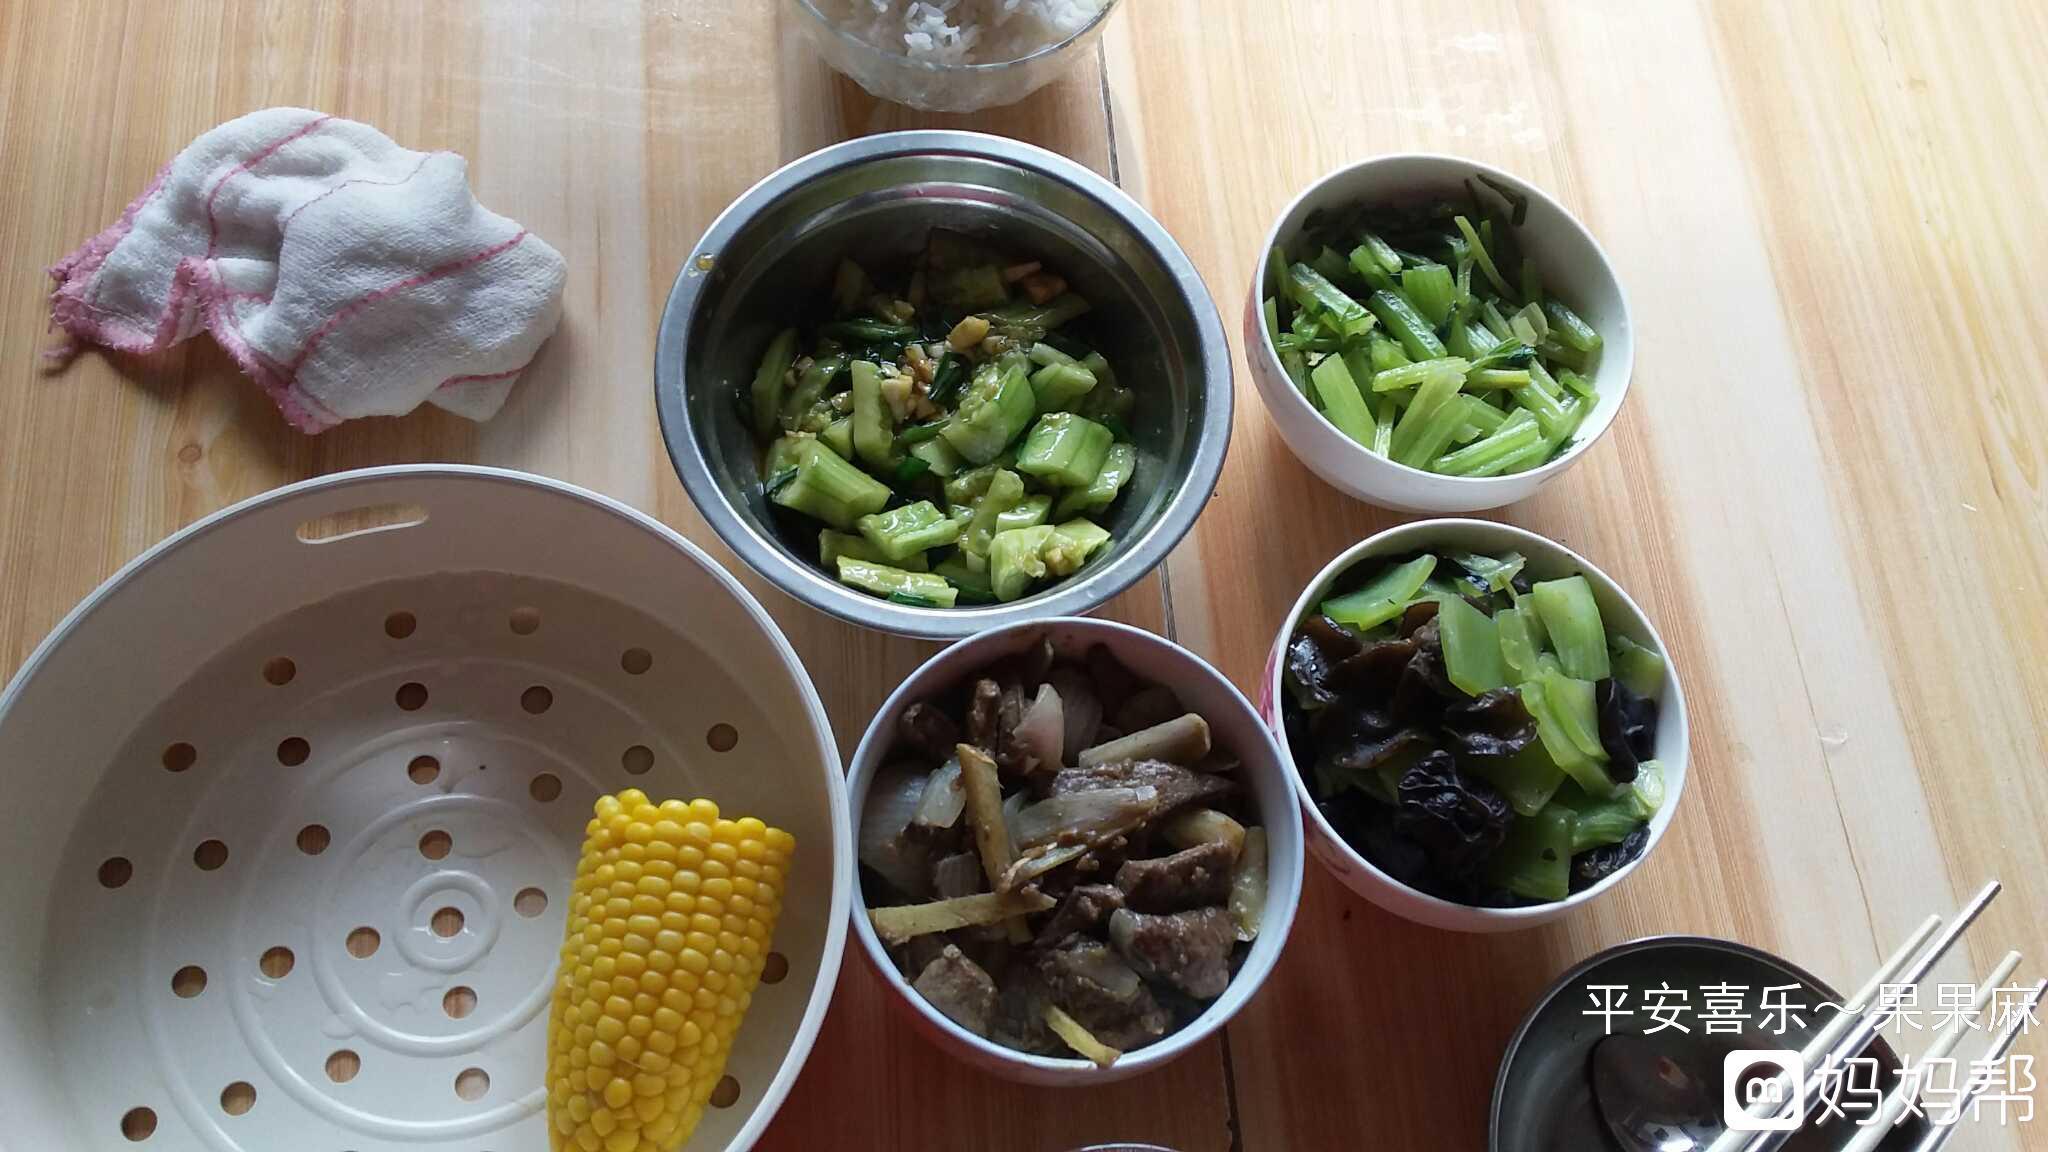 午餐,凉拌猪肝,炒芹菜,炒经典,盛世牛排厦门木耳莴笋黄瓜店图片